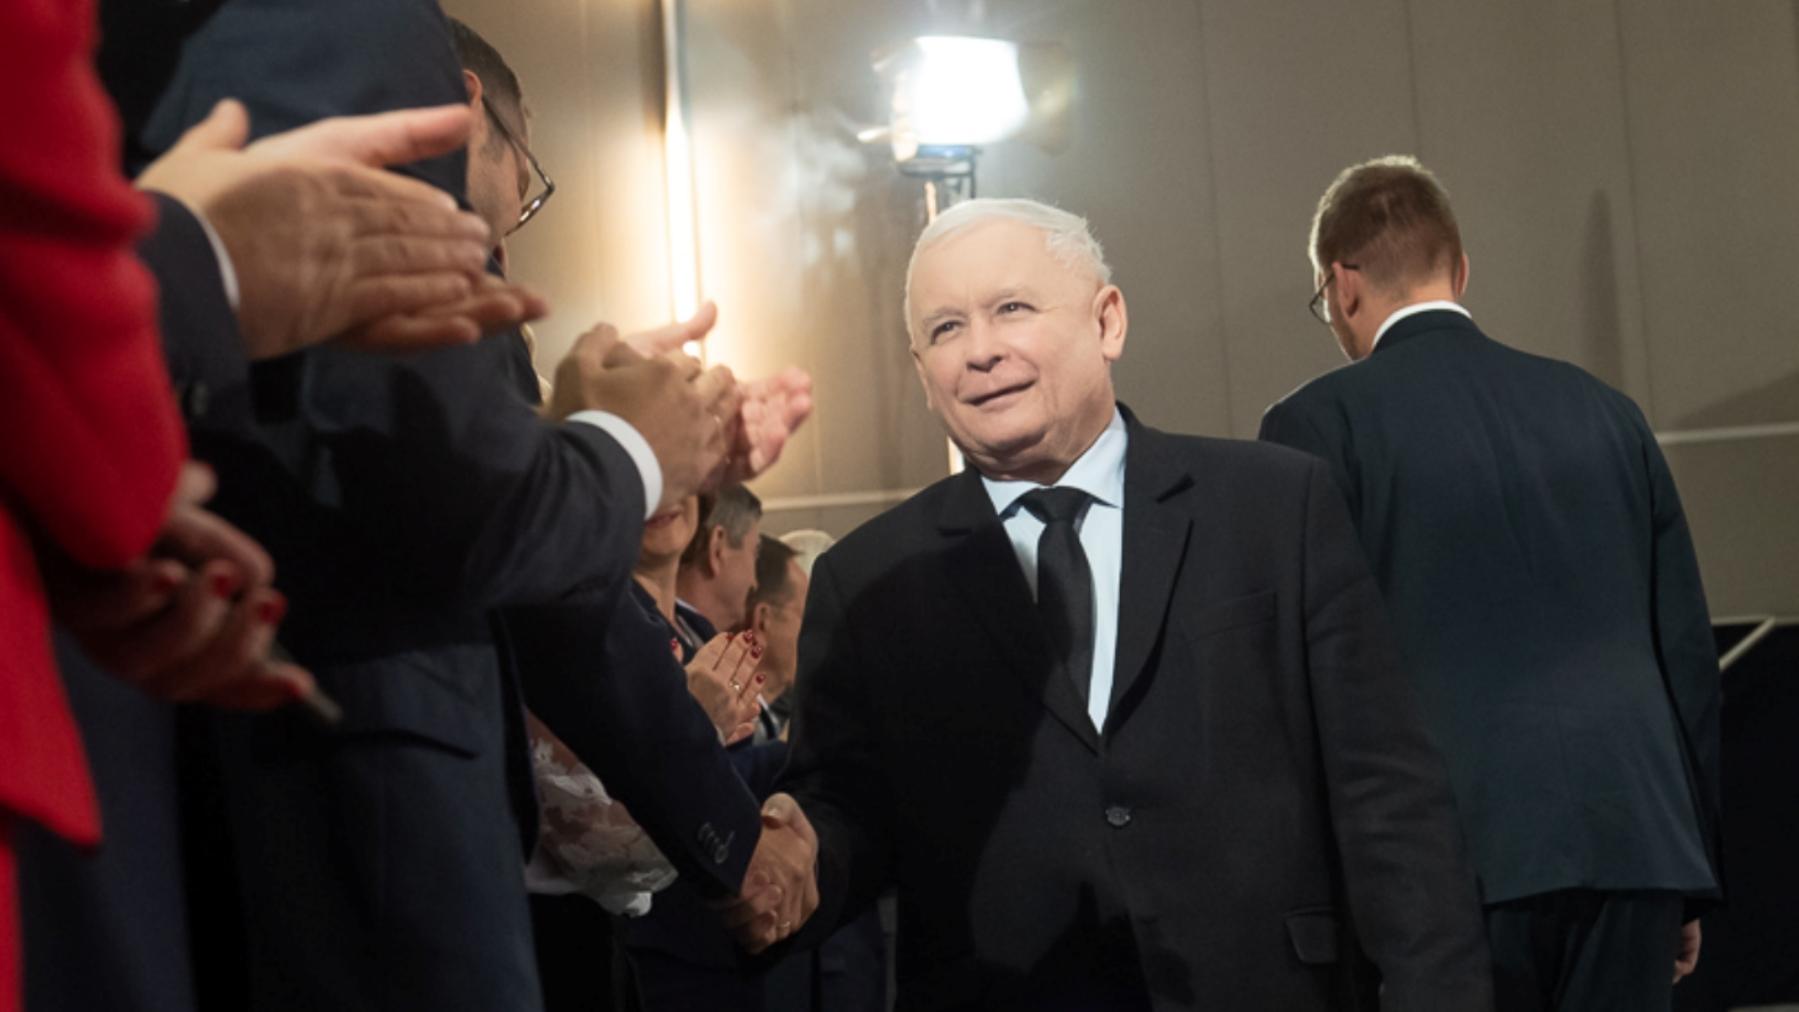 Kaczyński: Systematycznie dążymy do silnej i sprawiedliwej Rzeczypospolitej